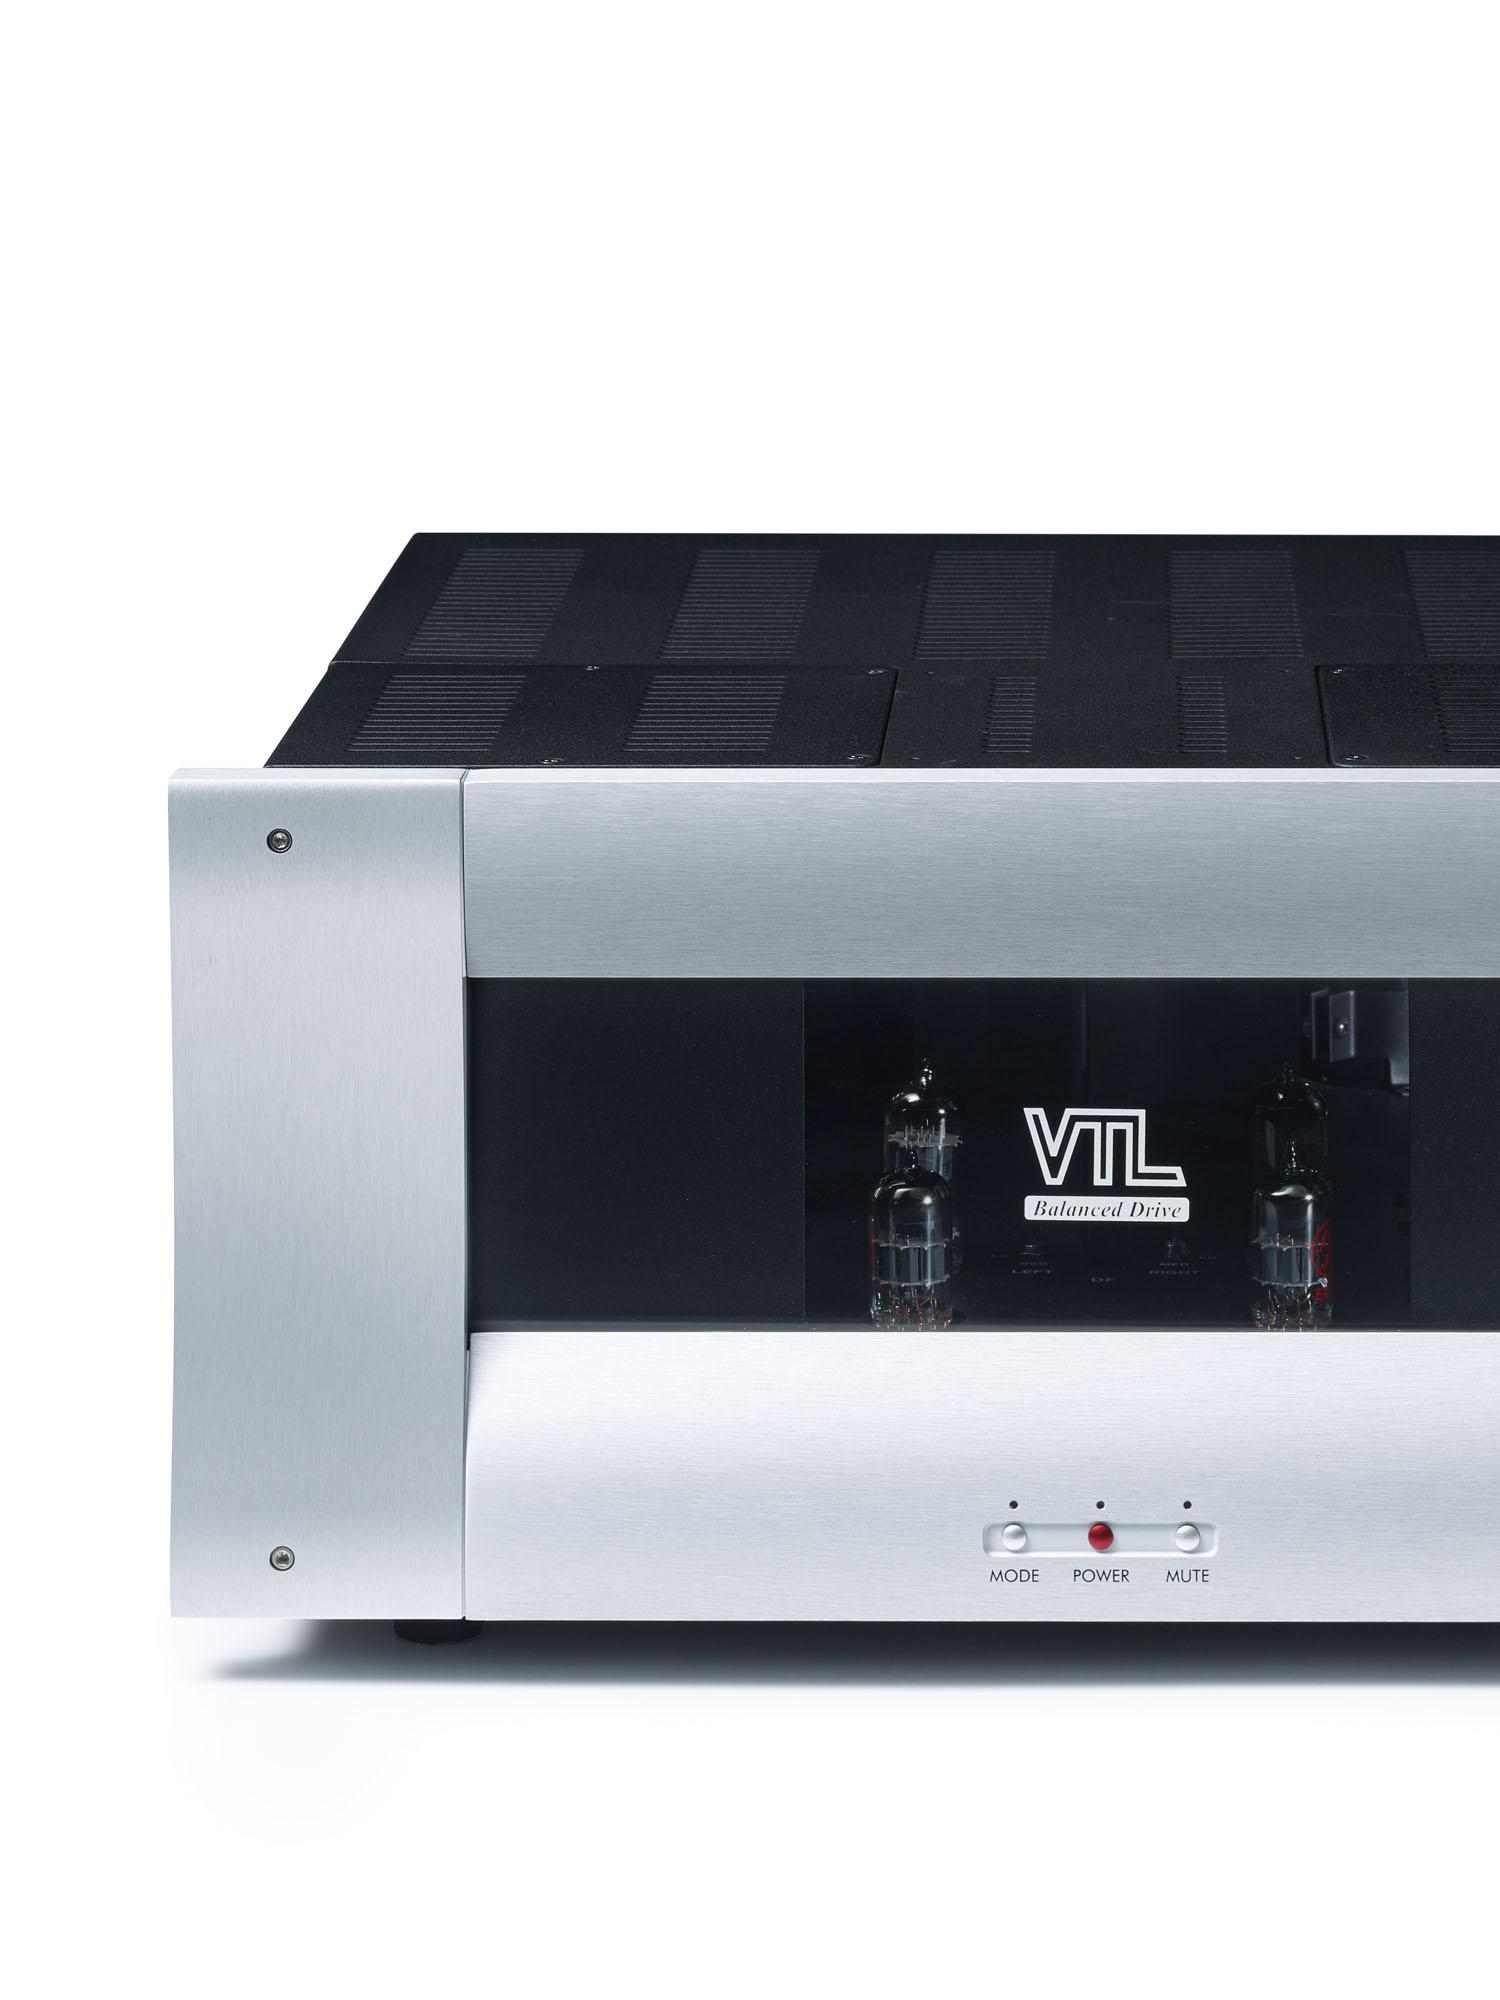 VTL S-200 Stereo Power Amplifier